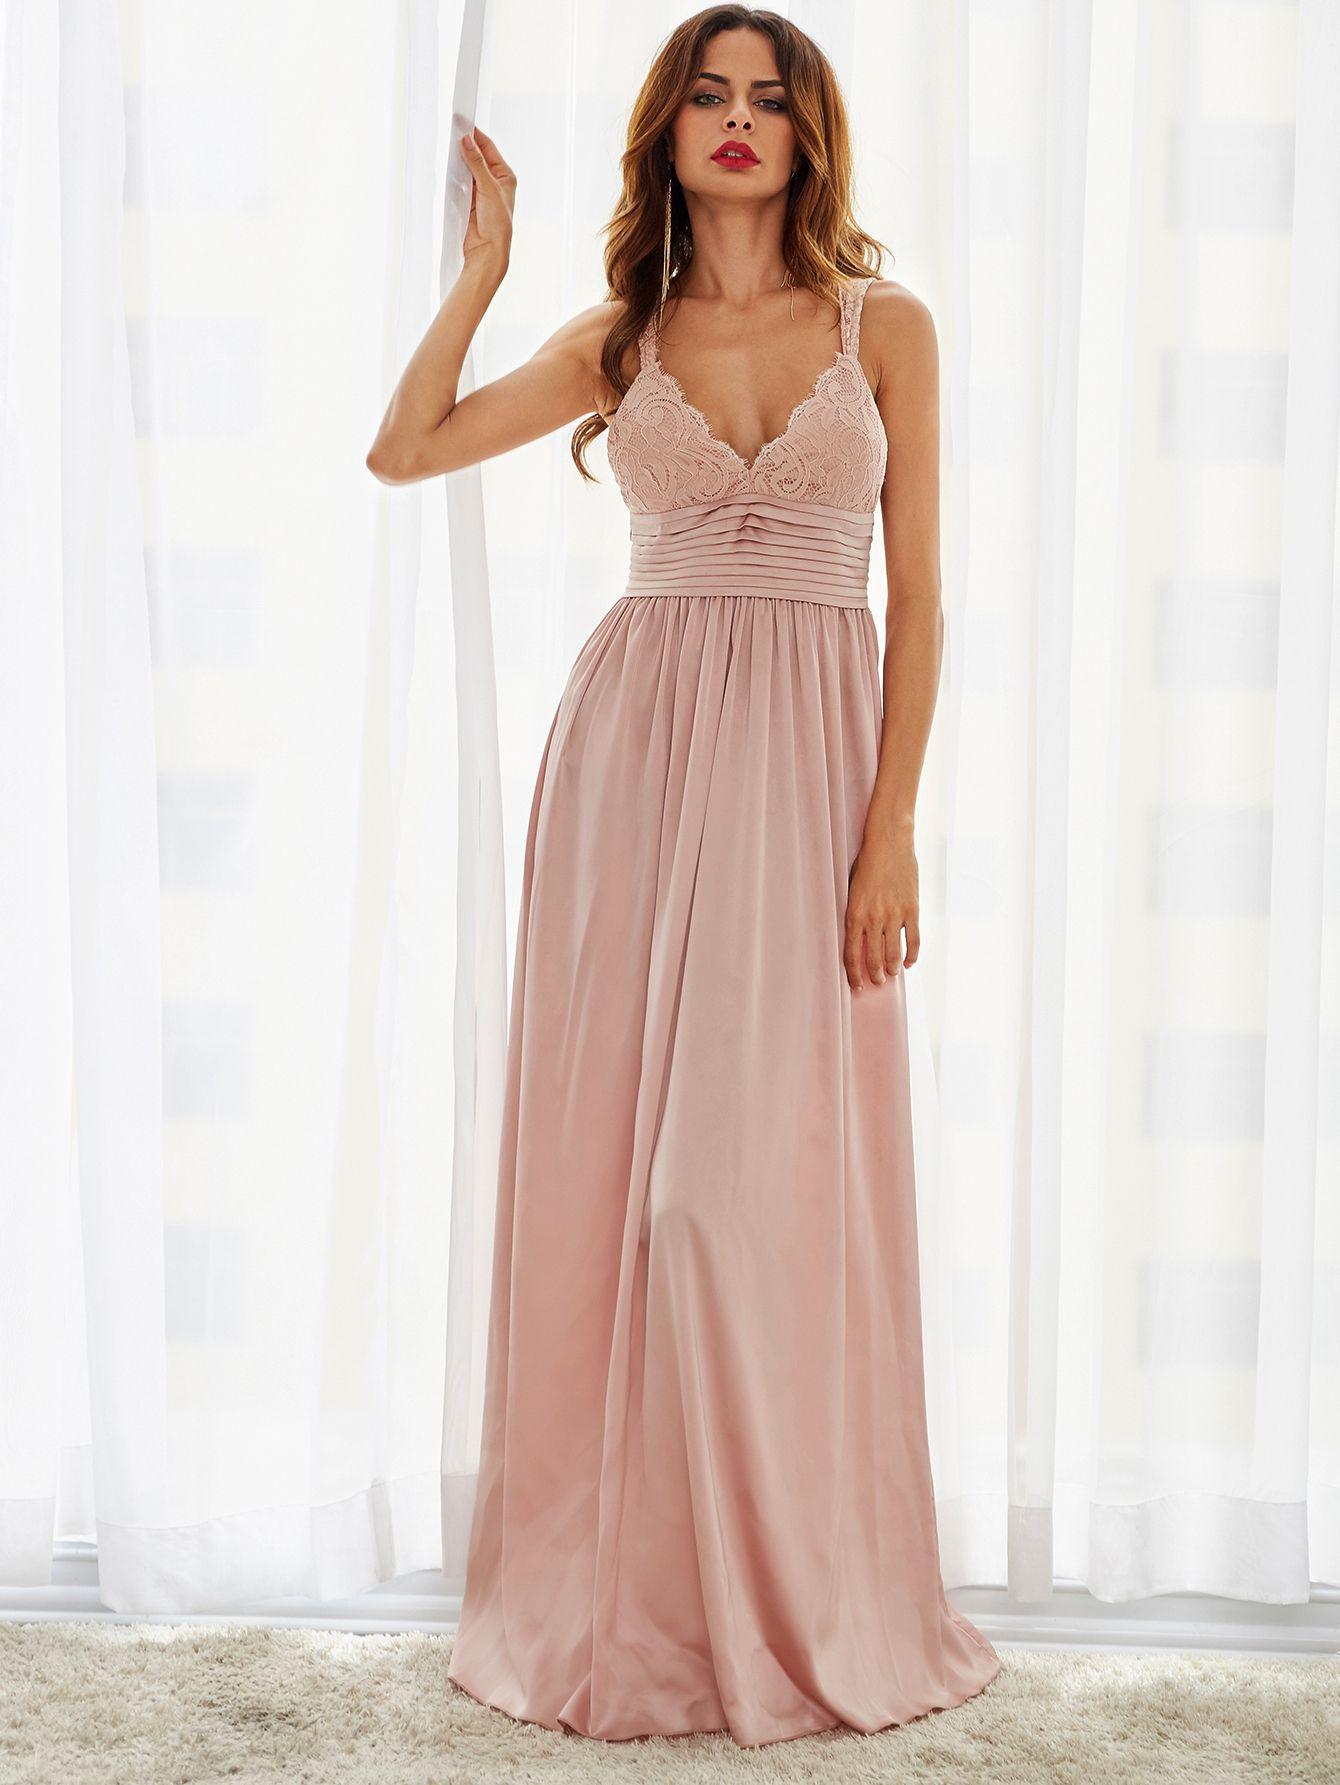 Designer Top Abendkleider Shein für 201920 Elegant Abendkleider Shein Design